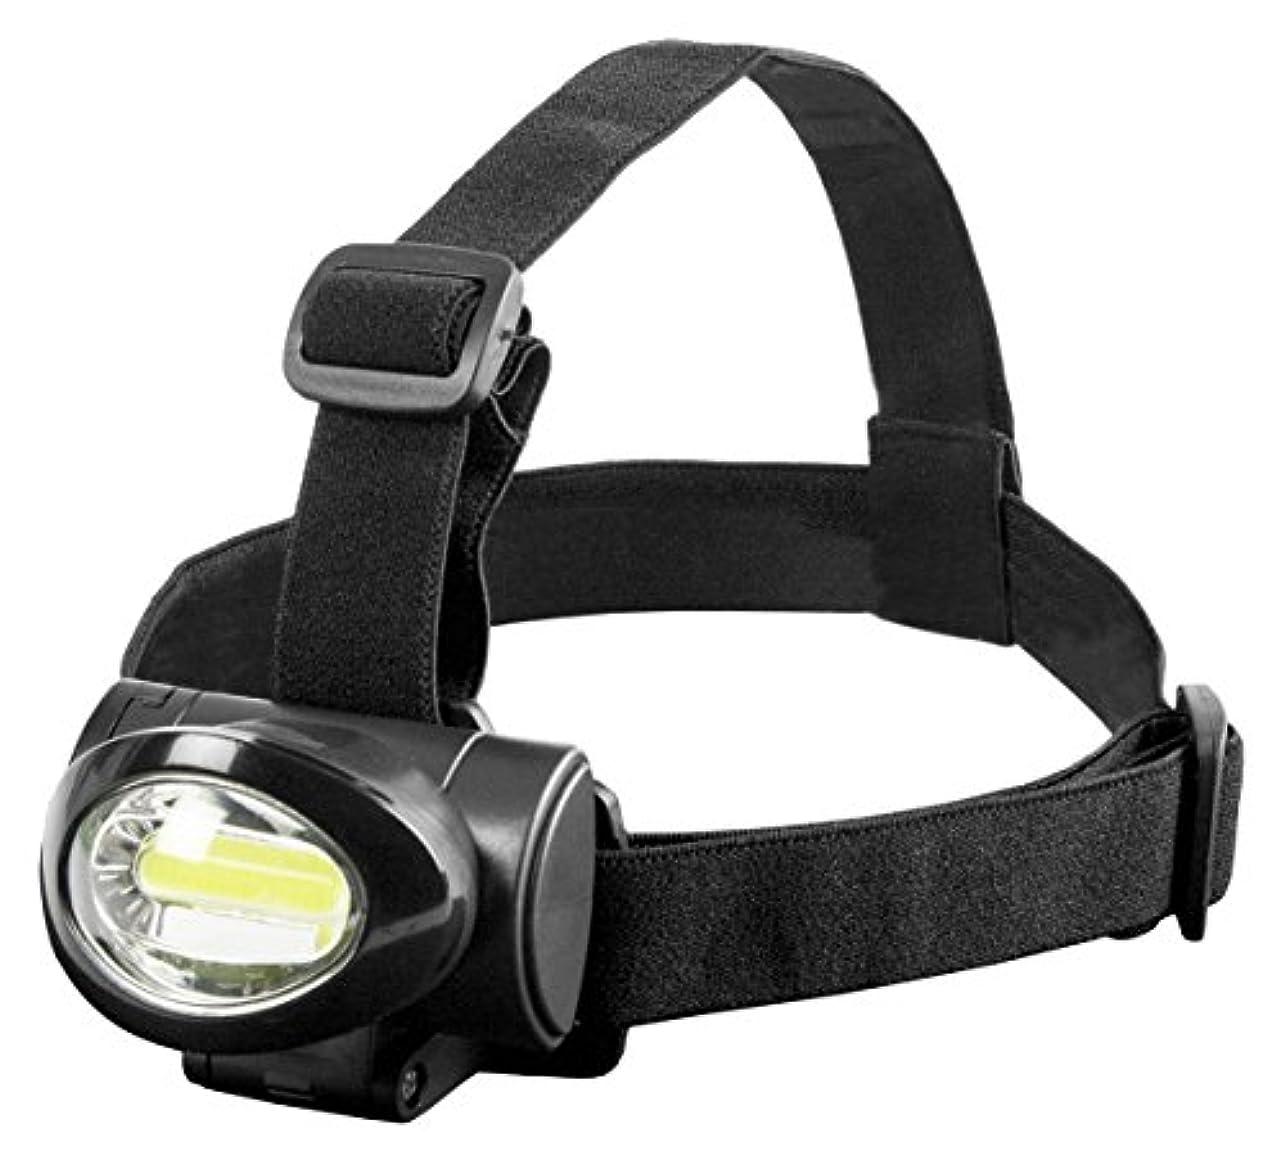 熟読福祉欲求不満TAKAMIYA(タカミヤ) H.B CONCEPT COB型LED ヘッドライト JL-1039